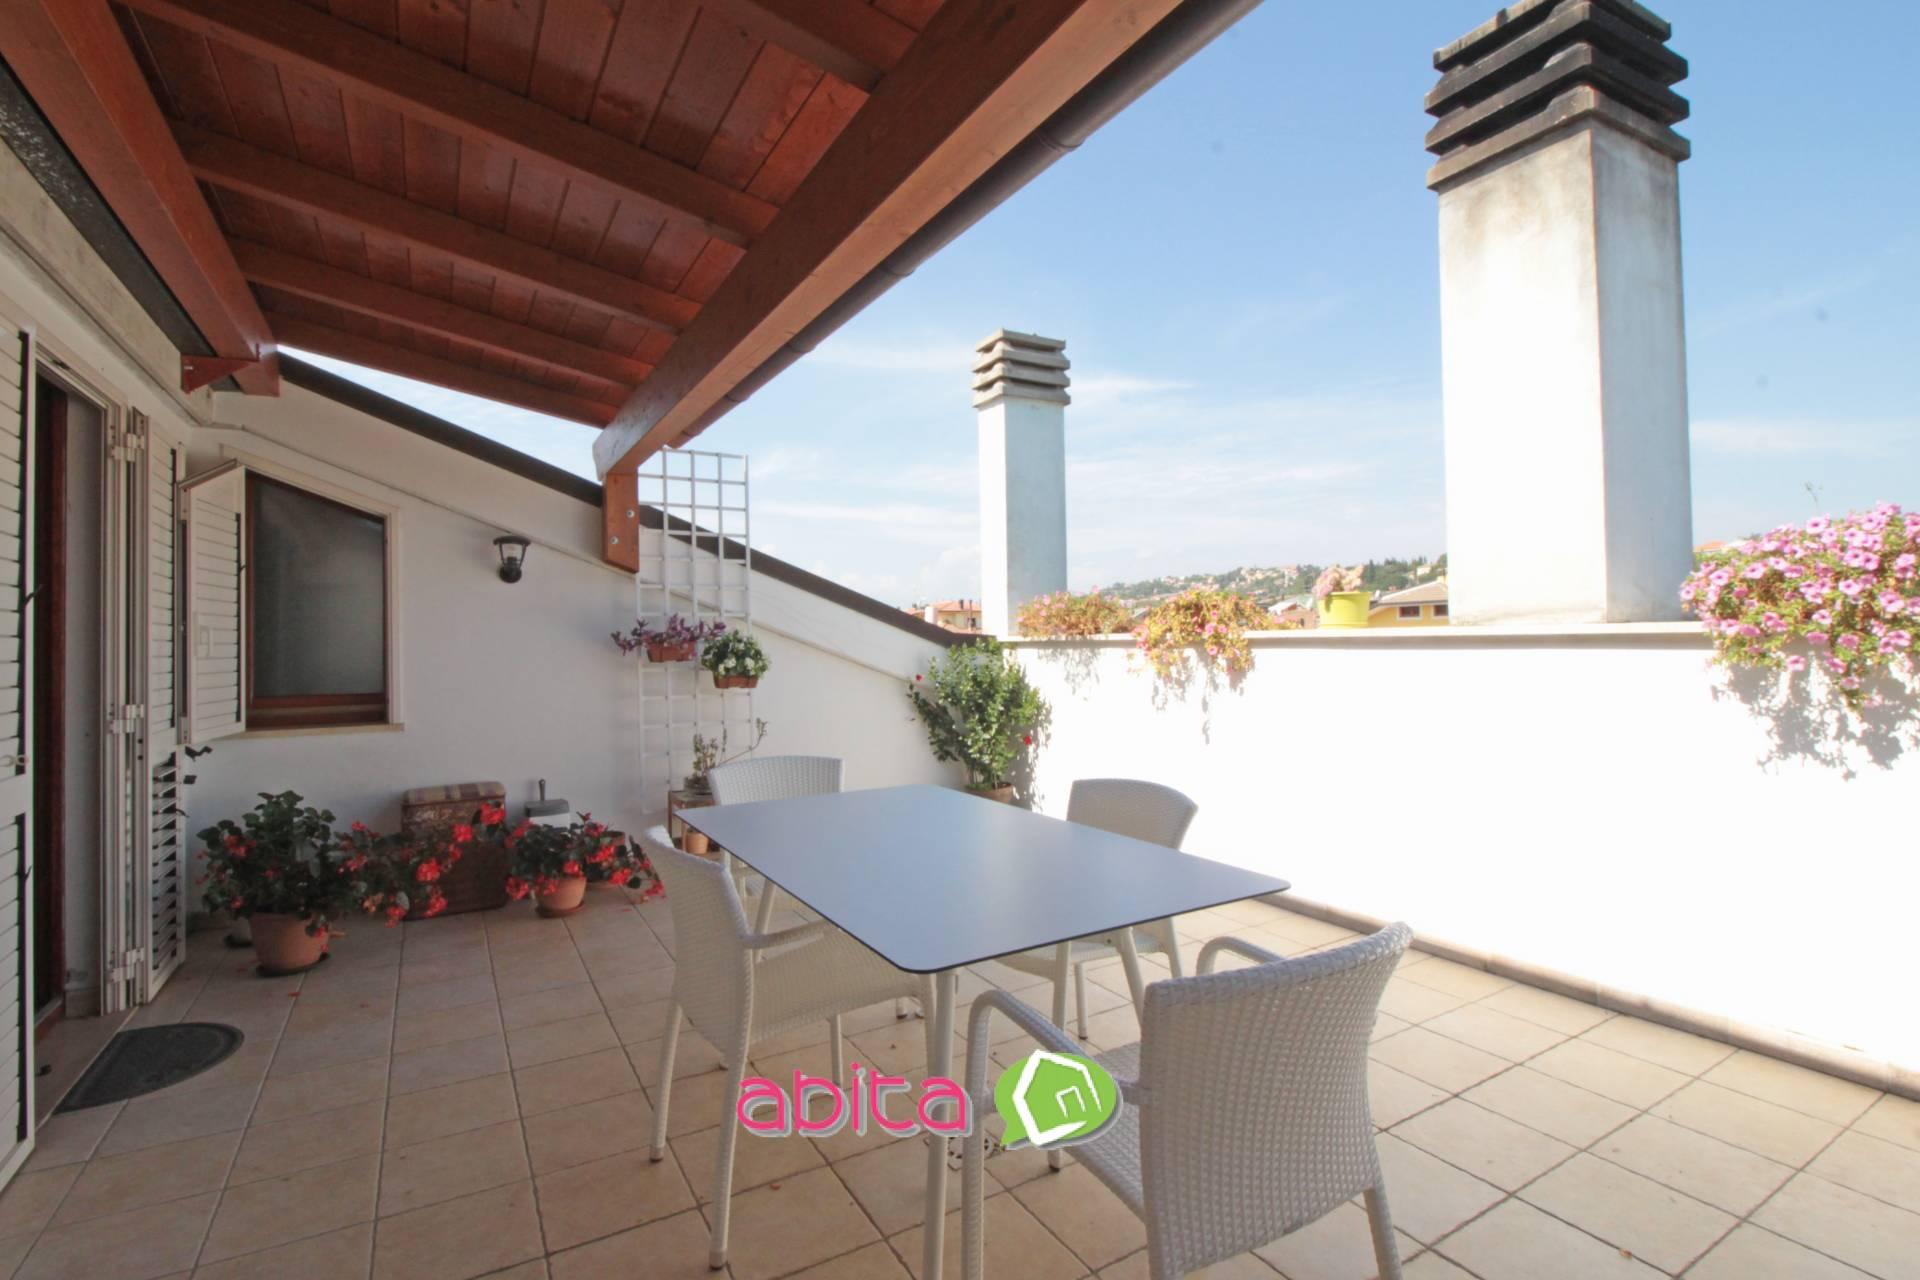 Appartamento in vendita a Spinetoli, 3 locali, zona Località: PagliaredelTronto, prezzo € 99.000   CambioCasa.it